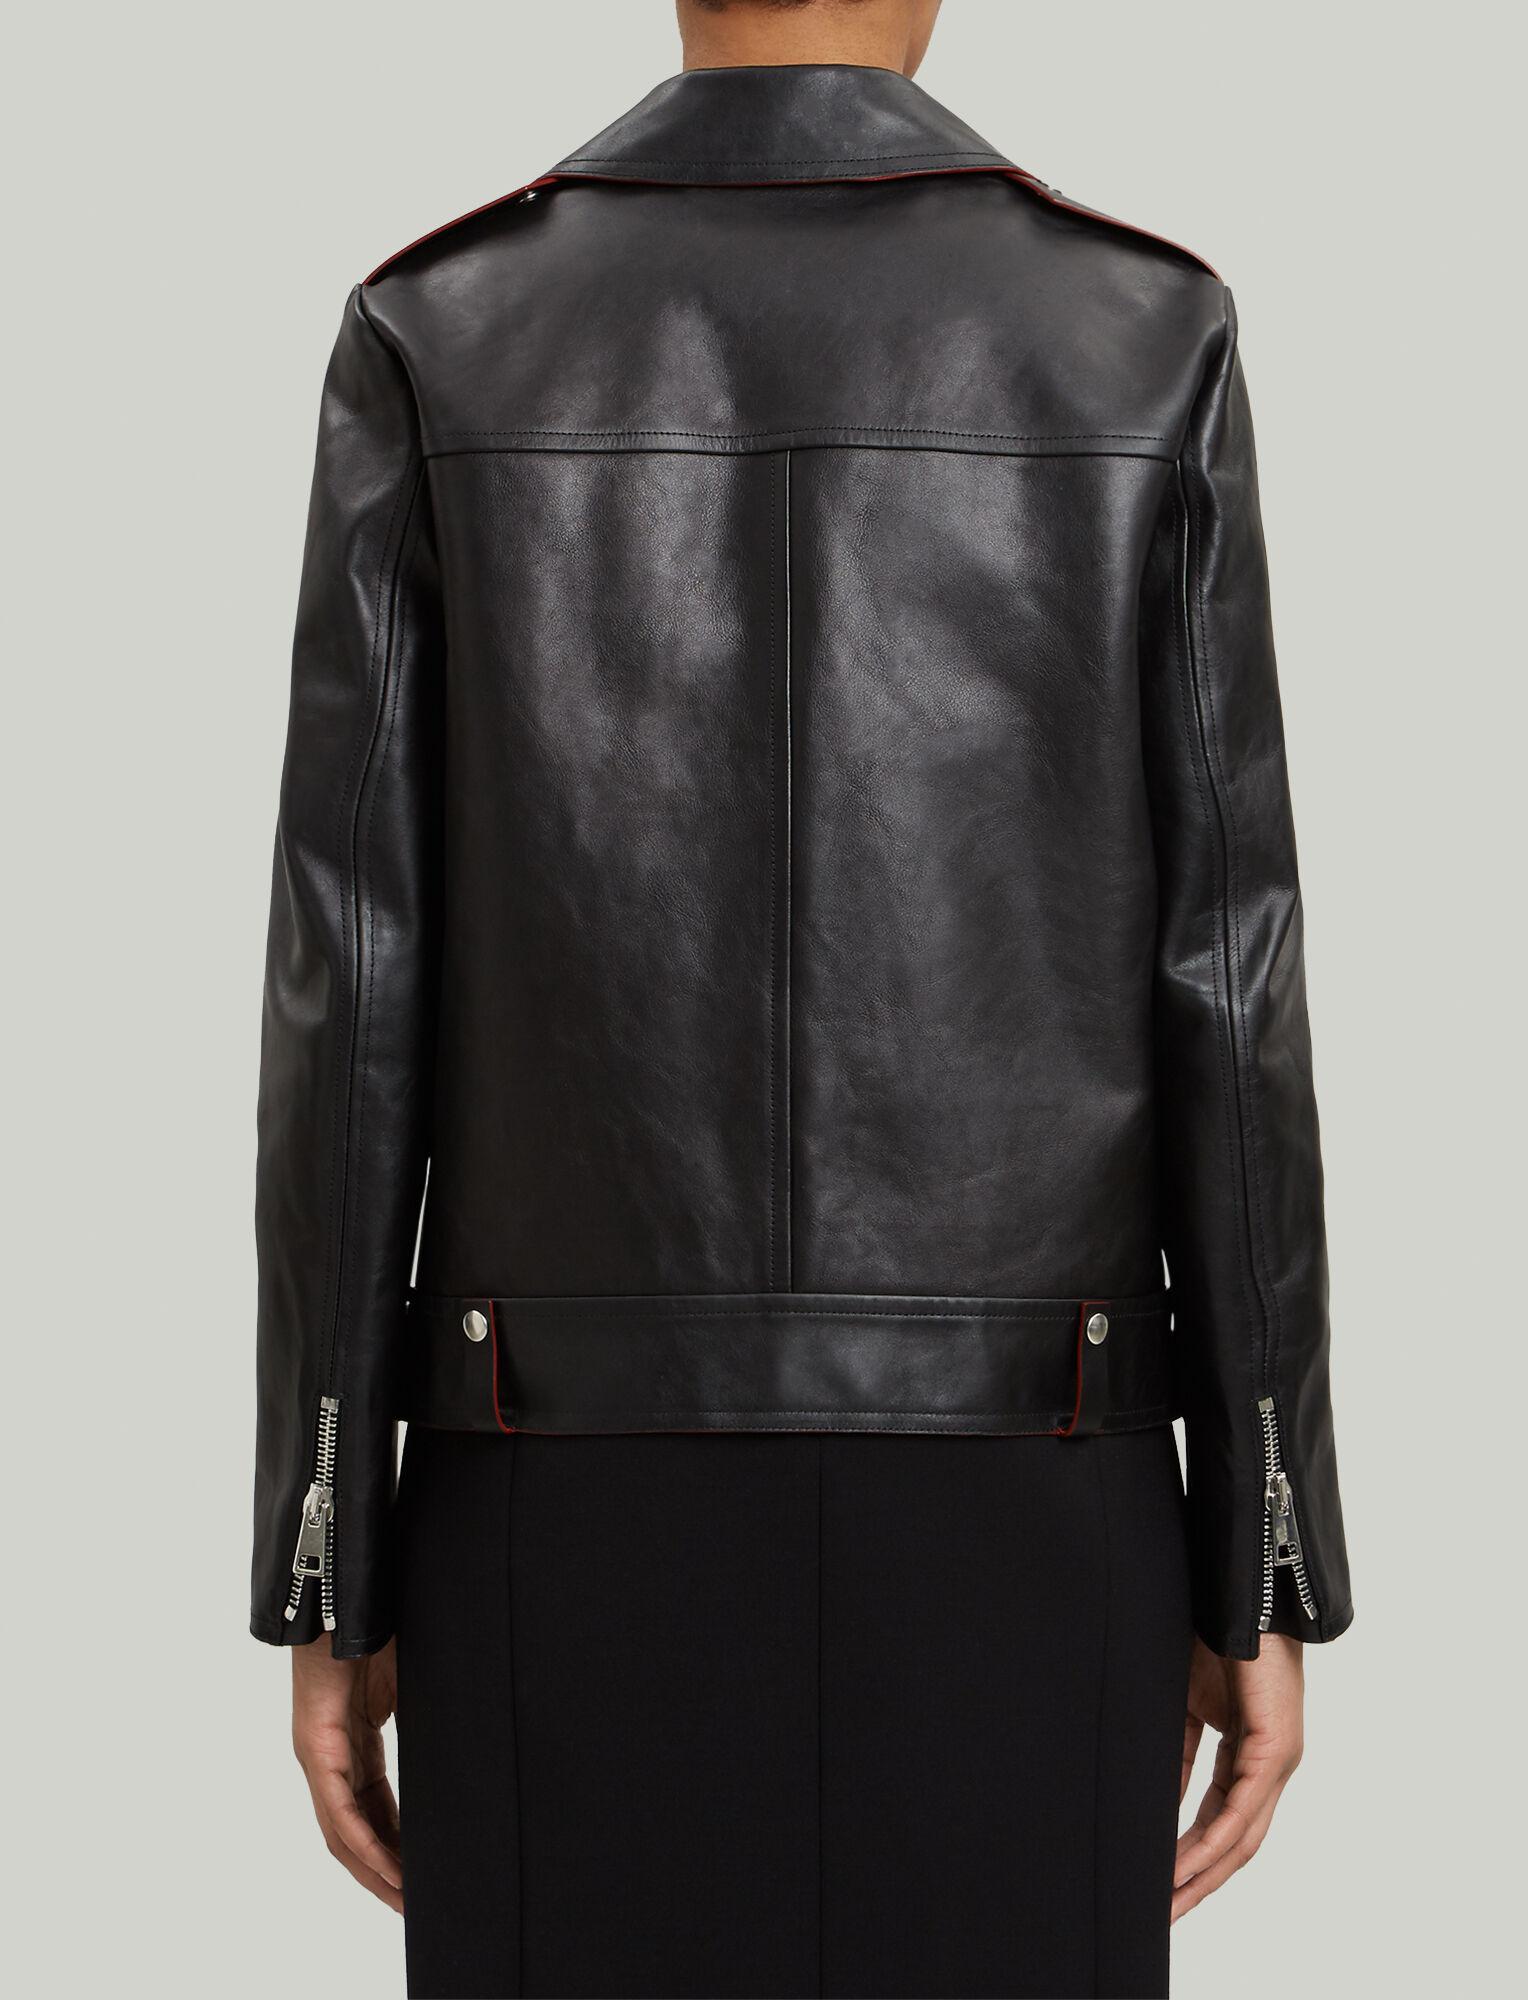 Joseph, Ryder Biker Leather Jacket, in BLACK